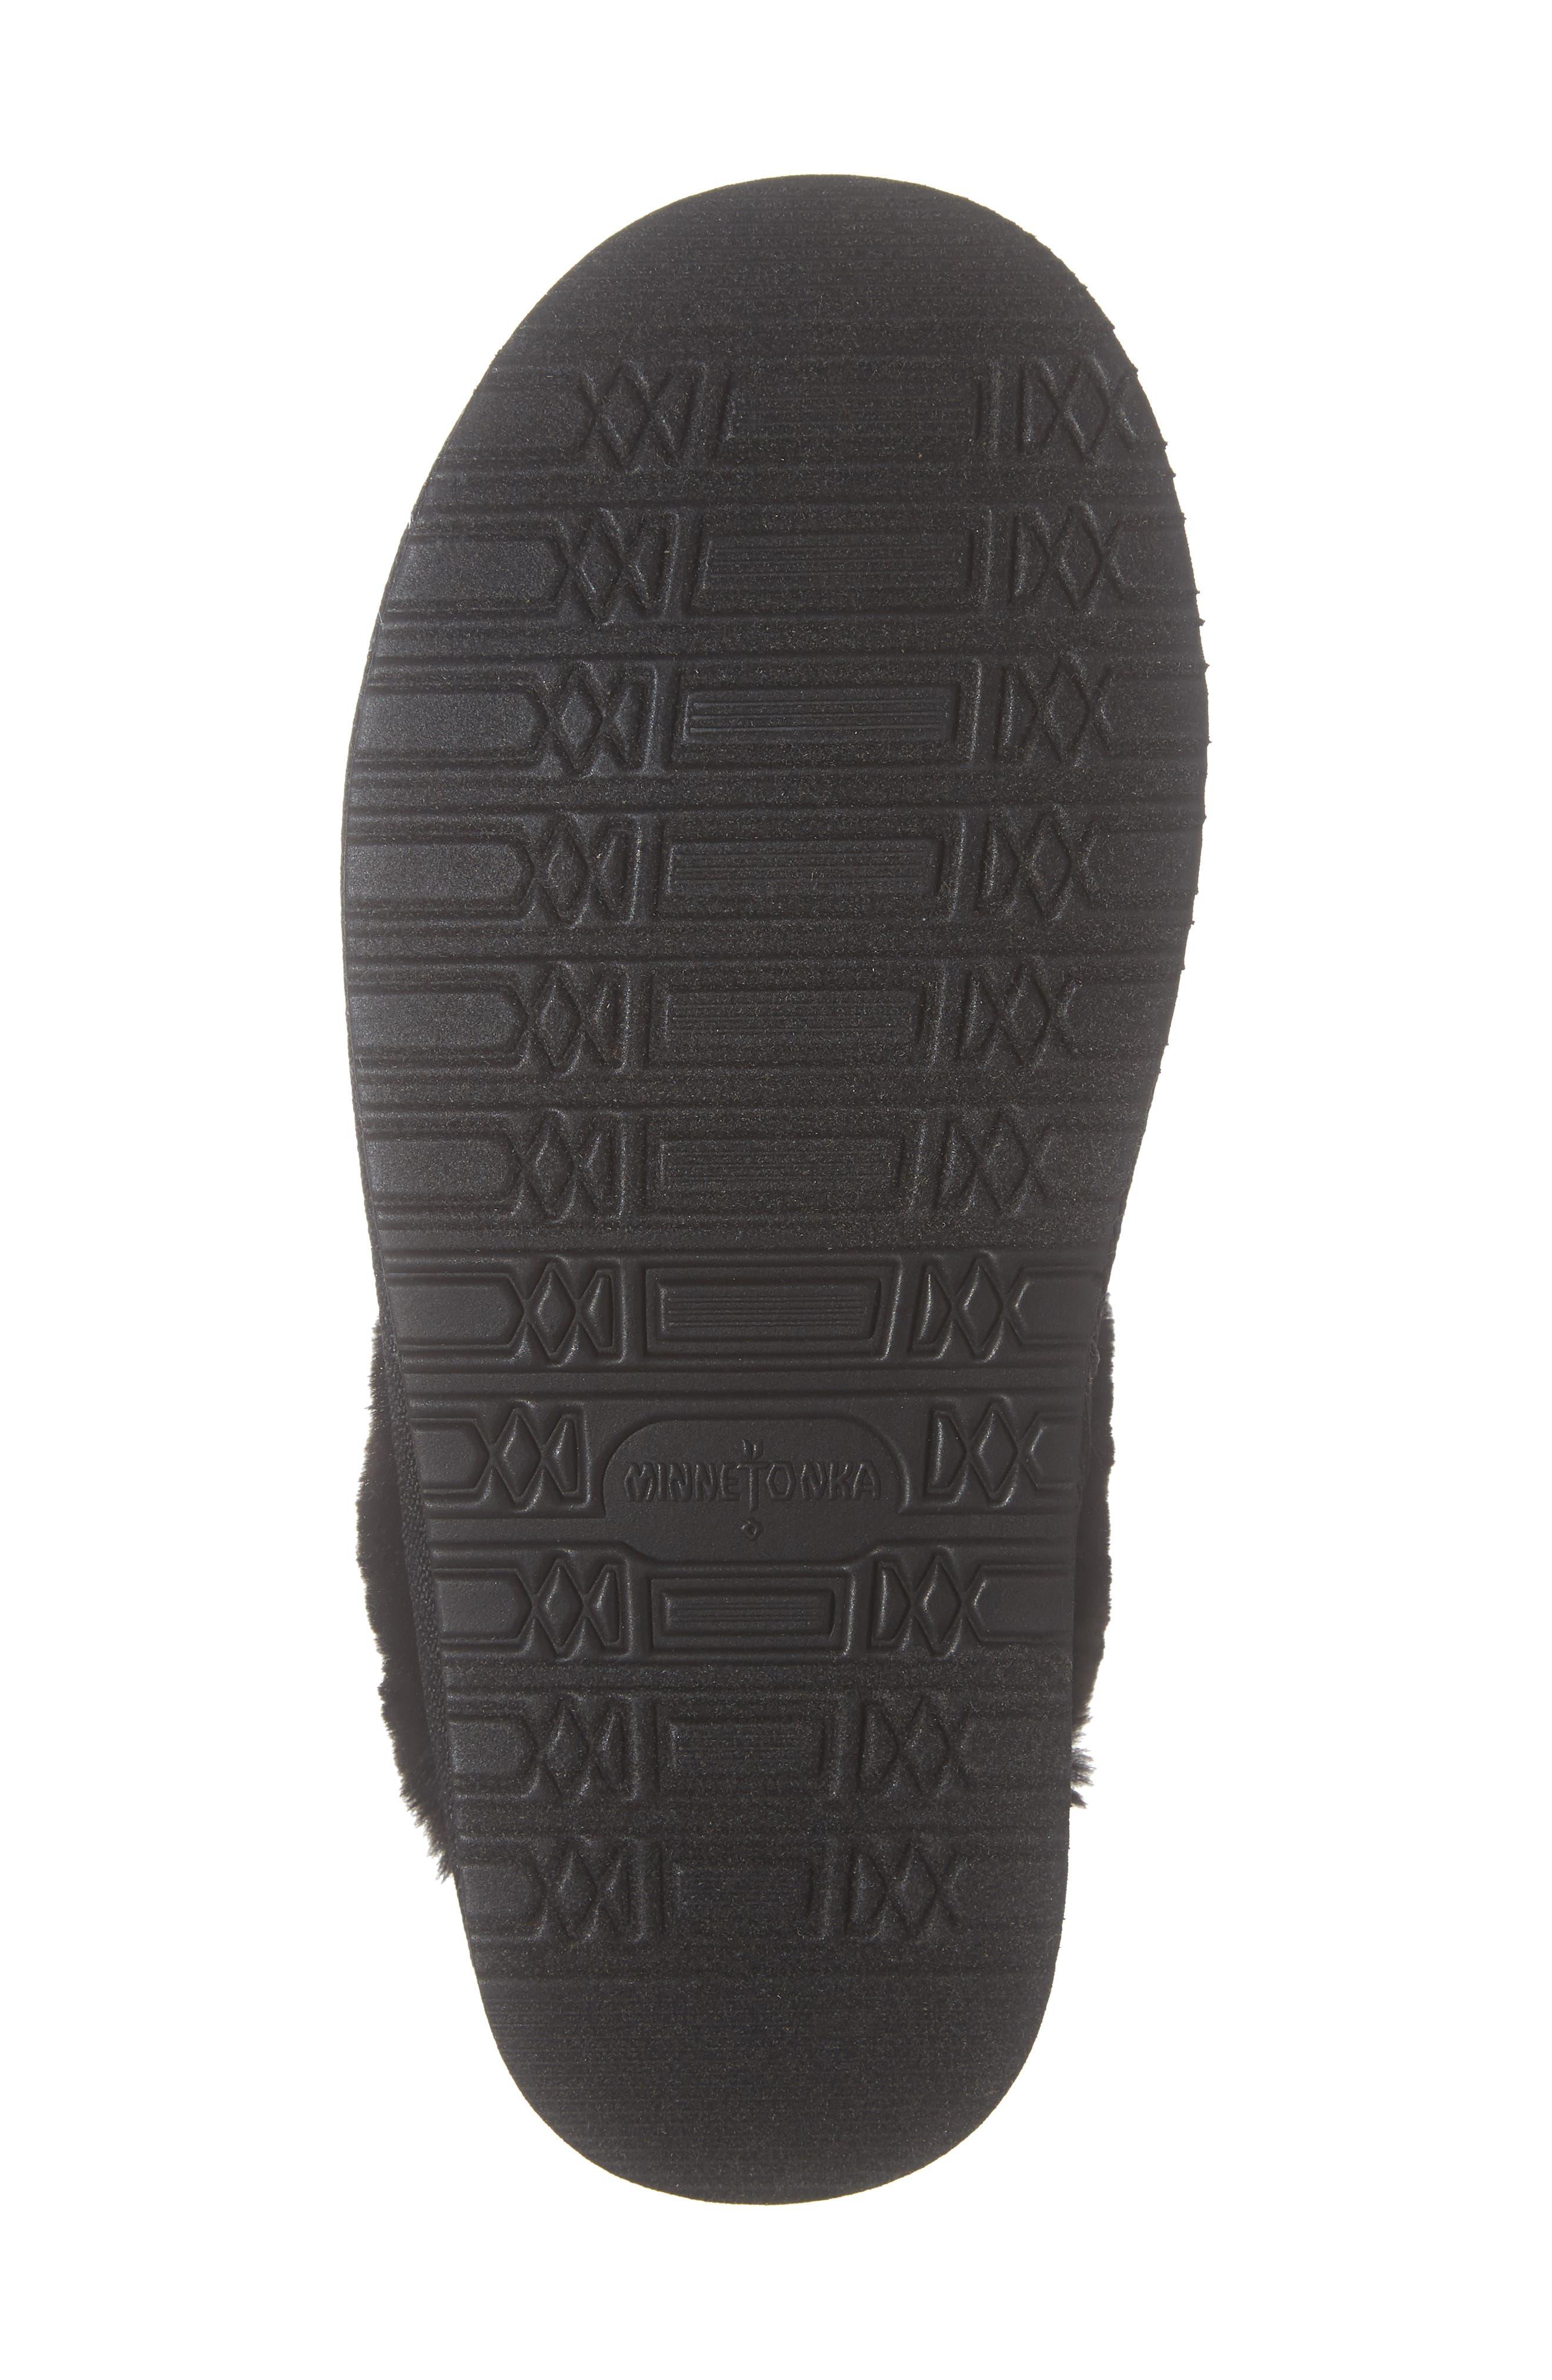 Mule Slipper,                             Alternate thumbnail 6, color,                             BLACK/ WHITE PLAID FABRIC